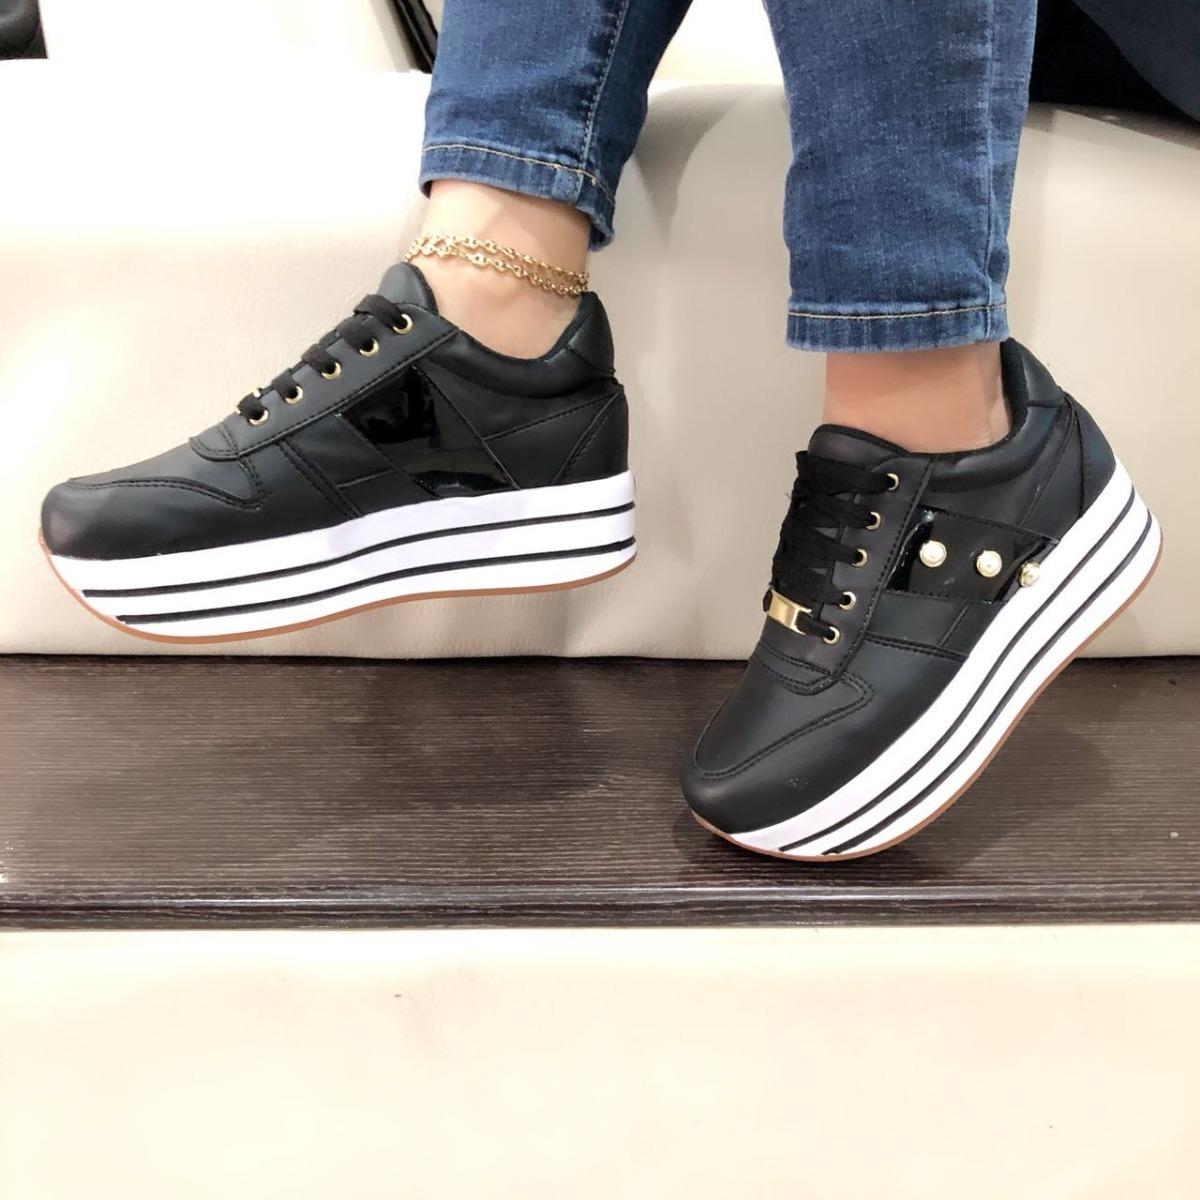 tenis mujer para de zapatos negros Cargando suela moda zoom deportivos gcwR75q6